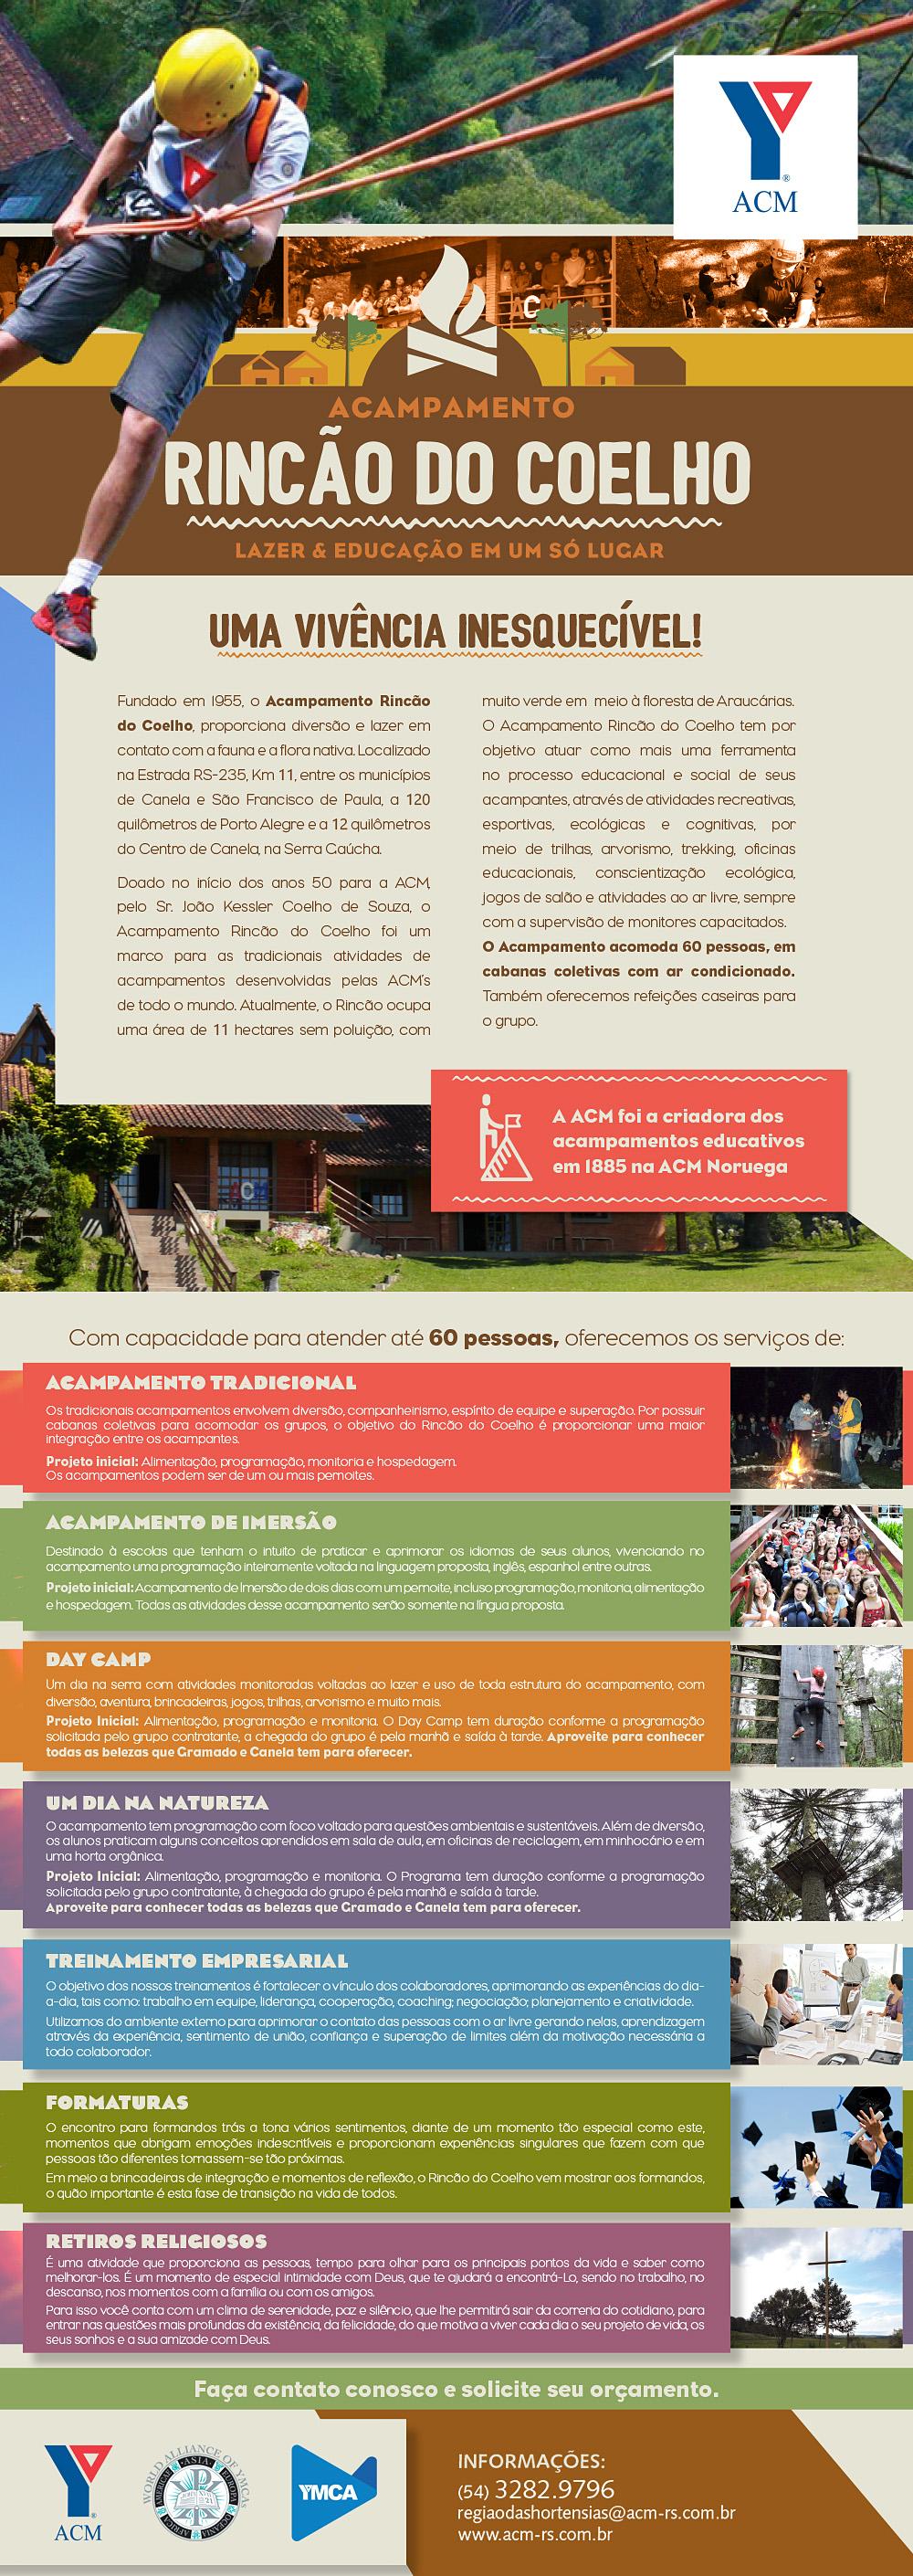 Rincão do Coelho - webcard completo